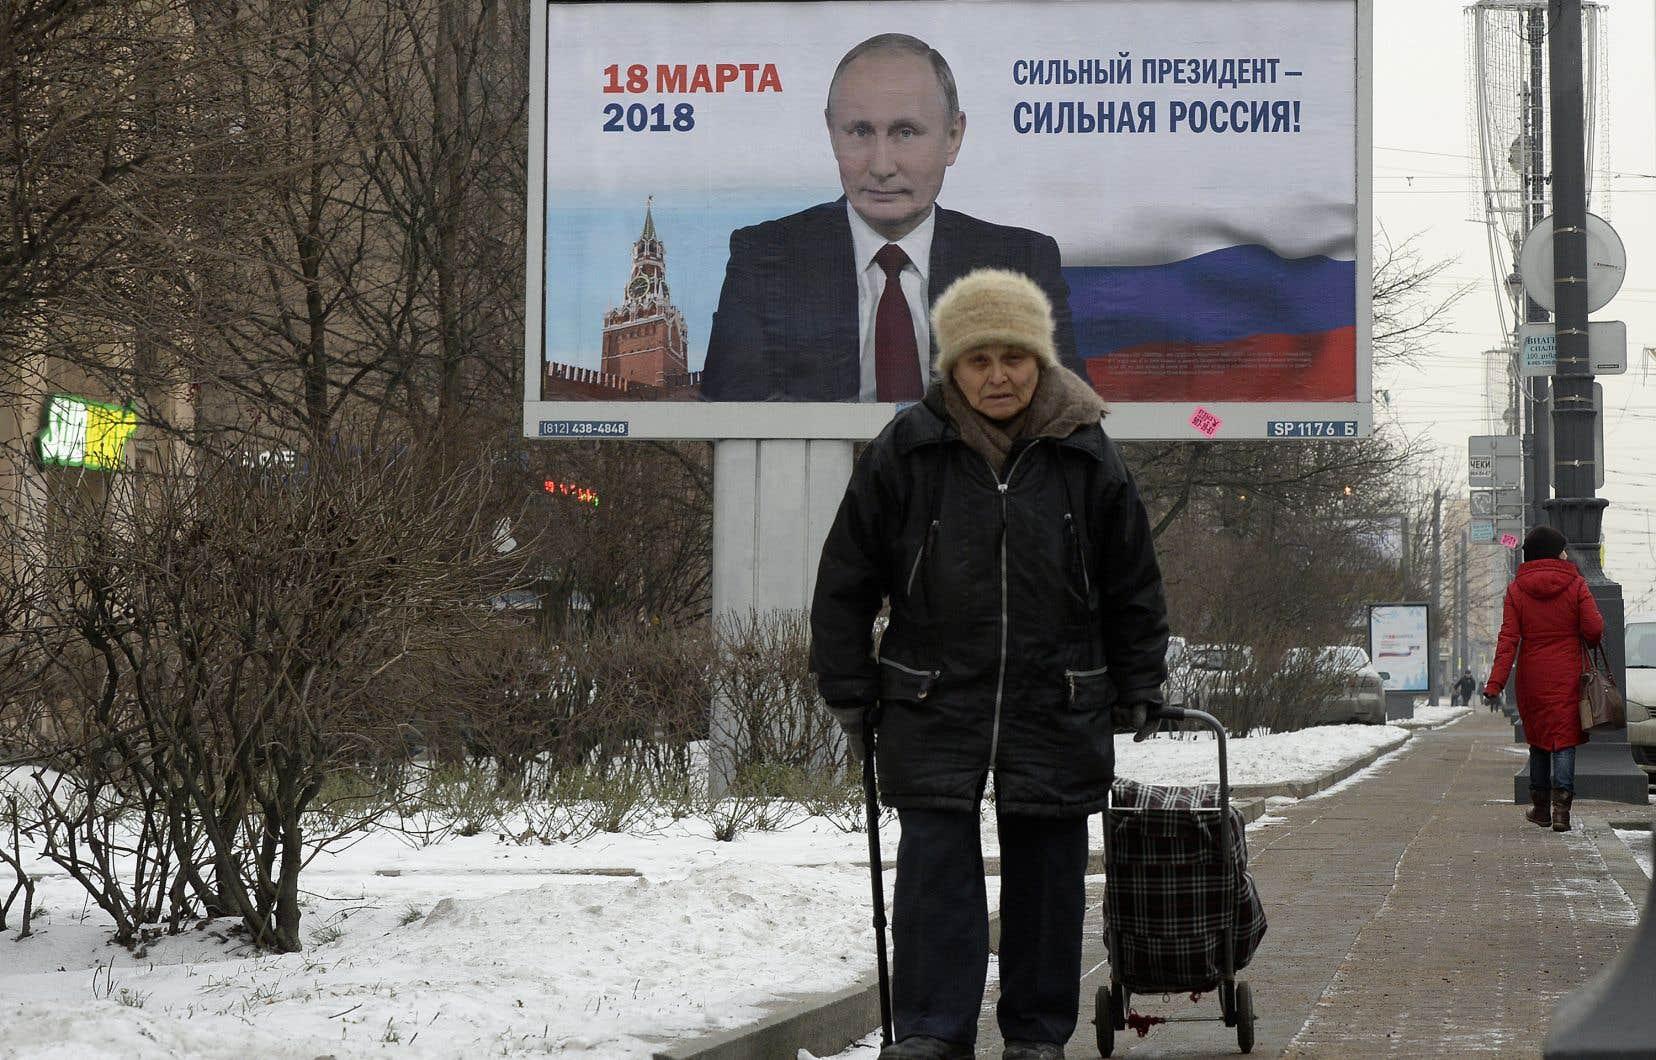 La situation économique est particulièrement critique en province où, loin de la vitrine rutilante que constitue Moscou, salaires et retraites permettent à peine de subsister.